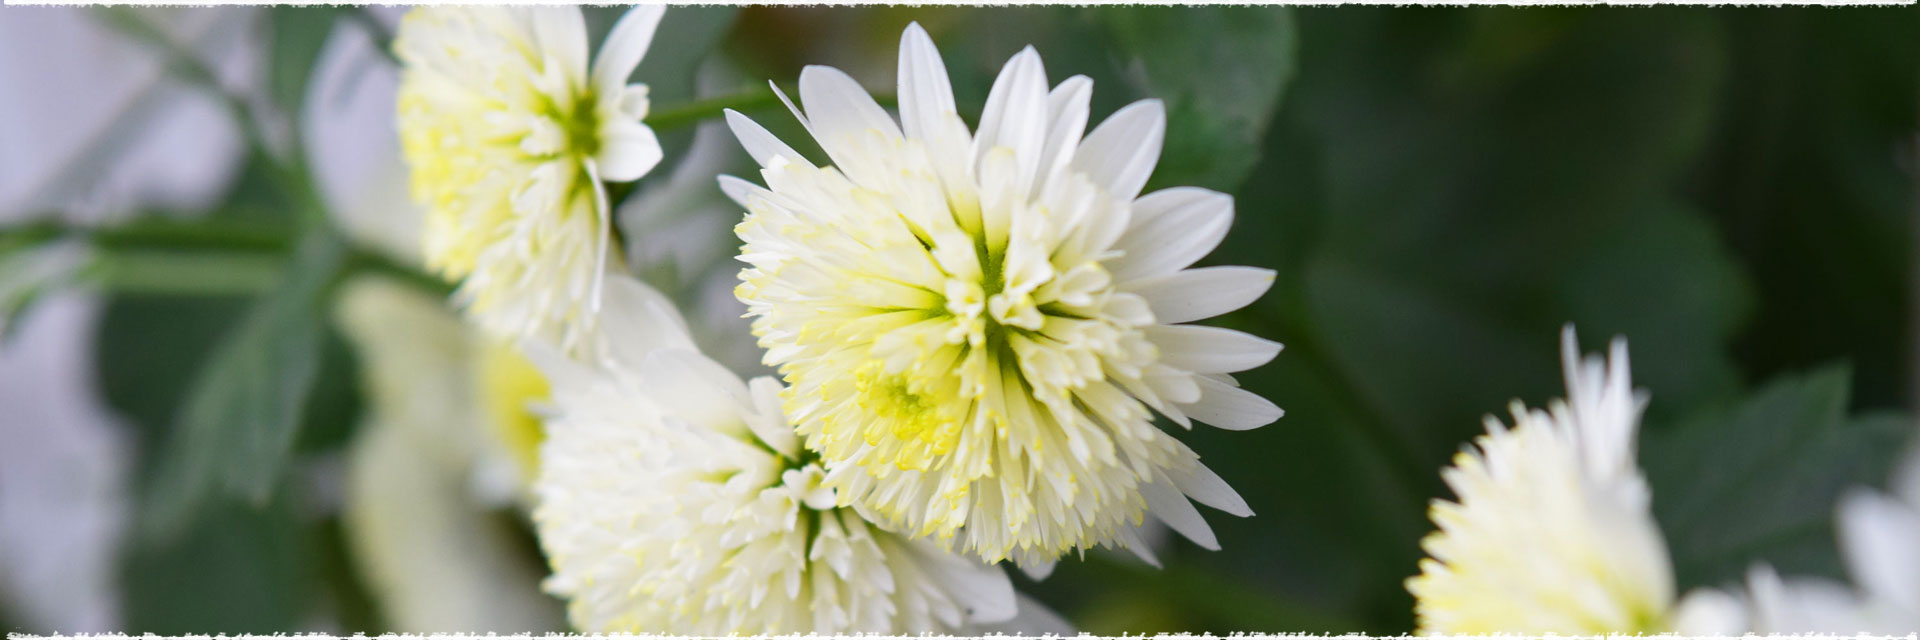 Recette d'automne : un potage aux chrysanthèmes.